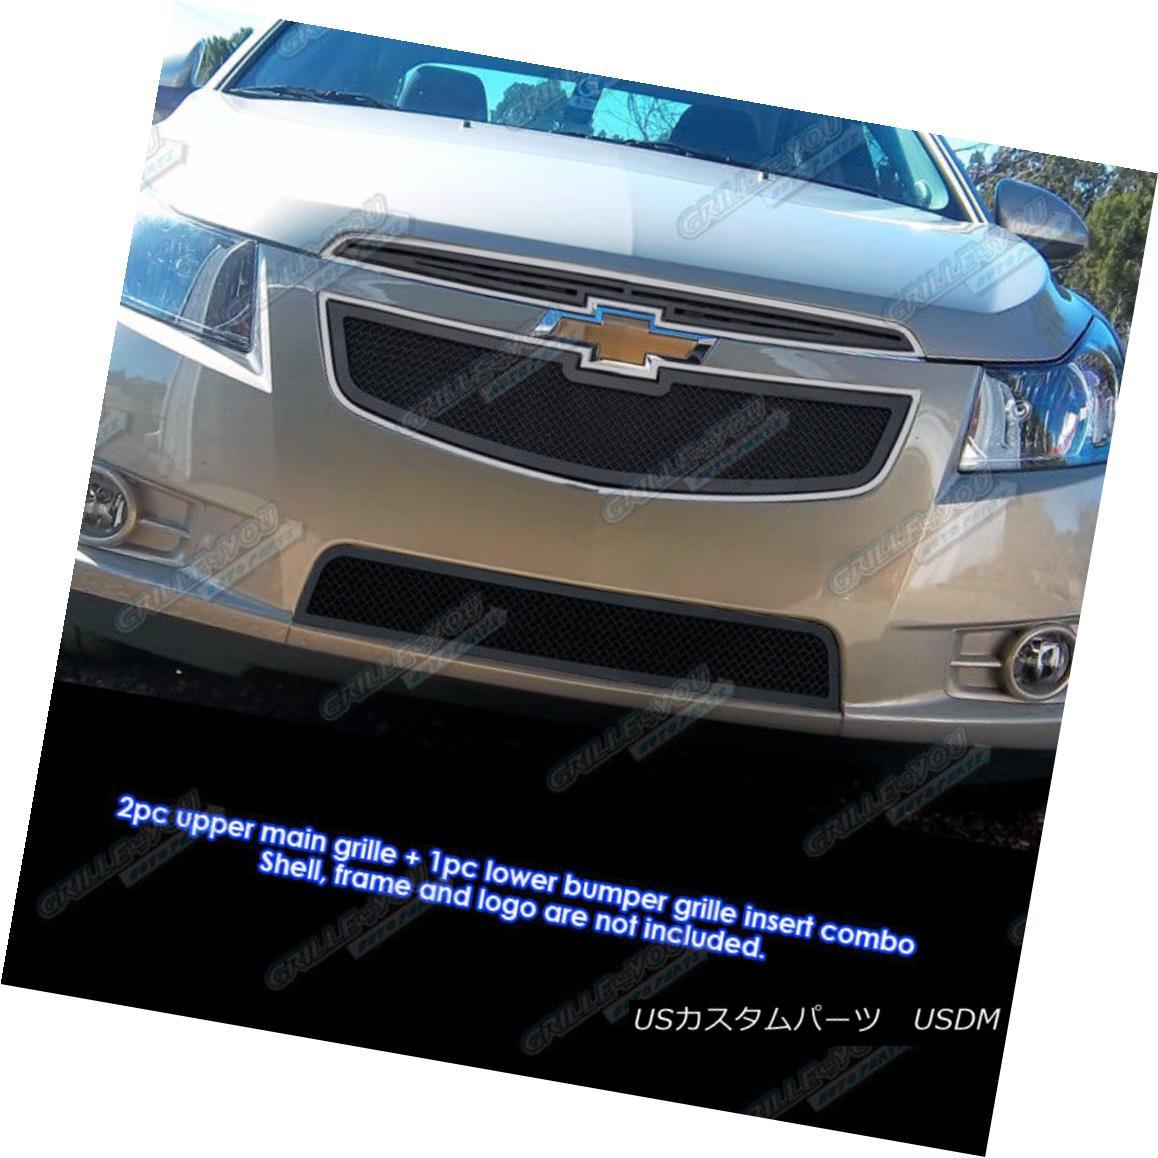 グリル Custom Fits 2011-2013 Chevy Cruze Black Stainless Steel Mesh Grill Combo カスタムフィット2011年?2013年シボレークルーズブラックステンレスメッシュグリルコンボ